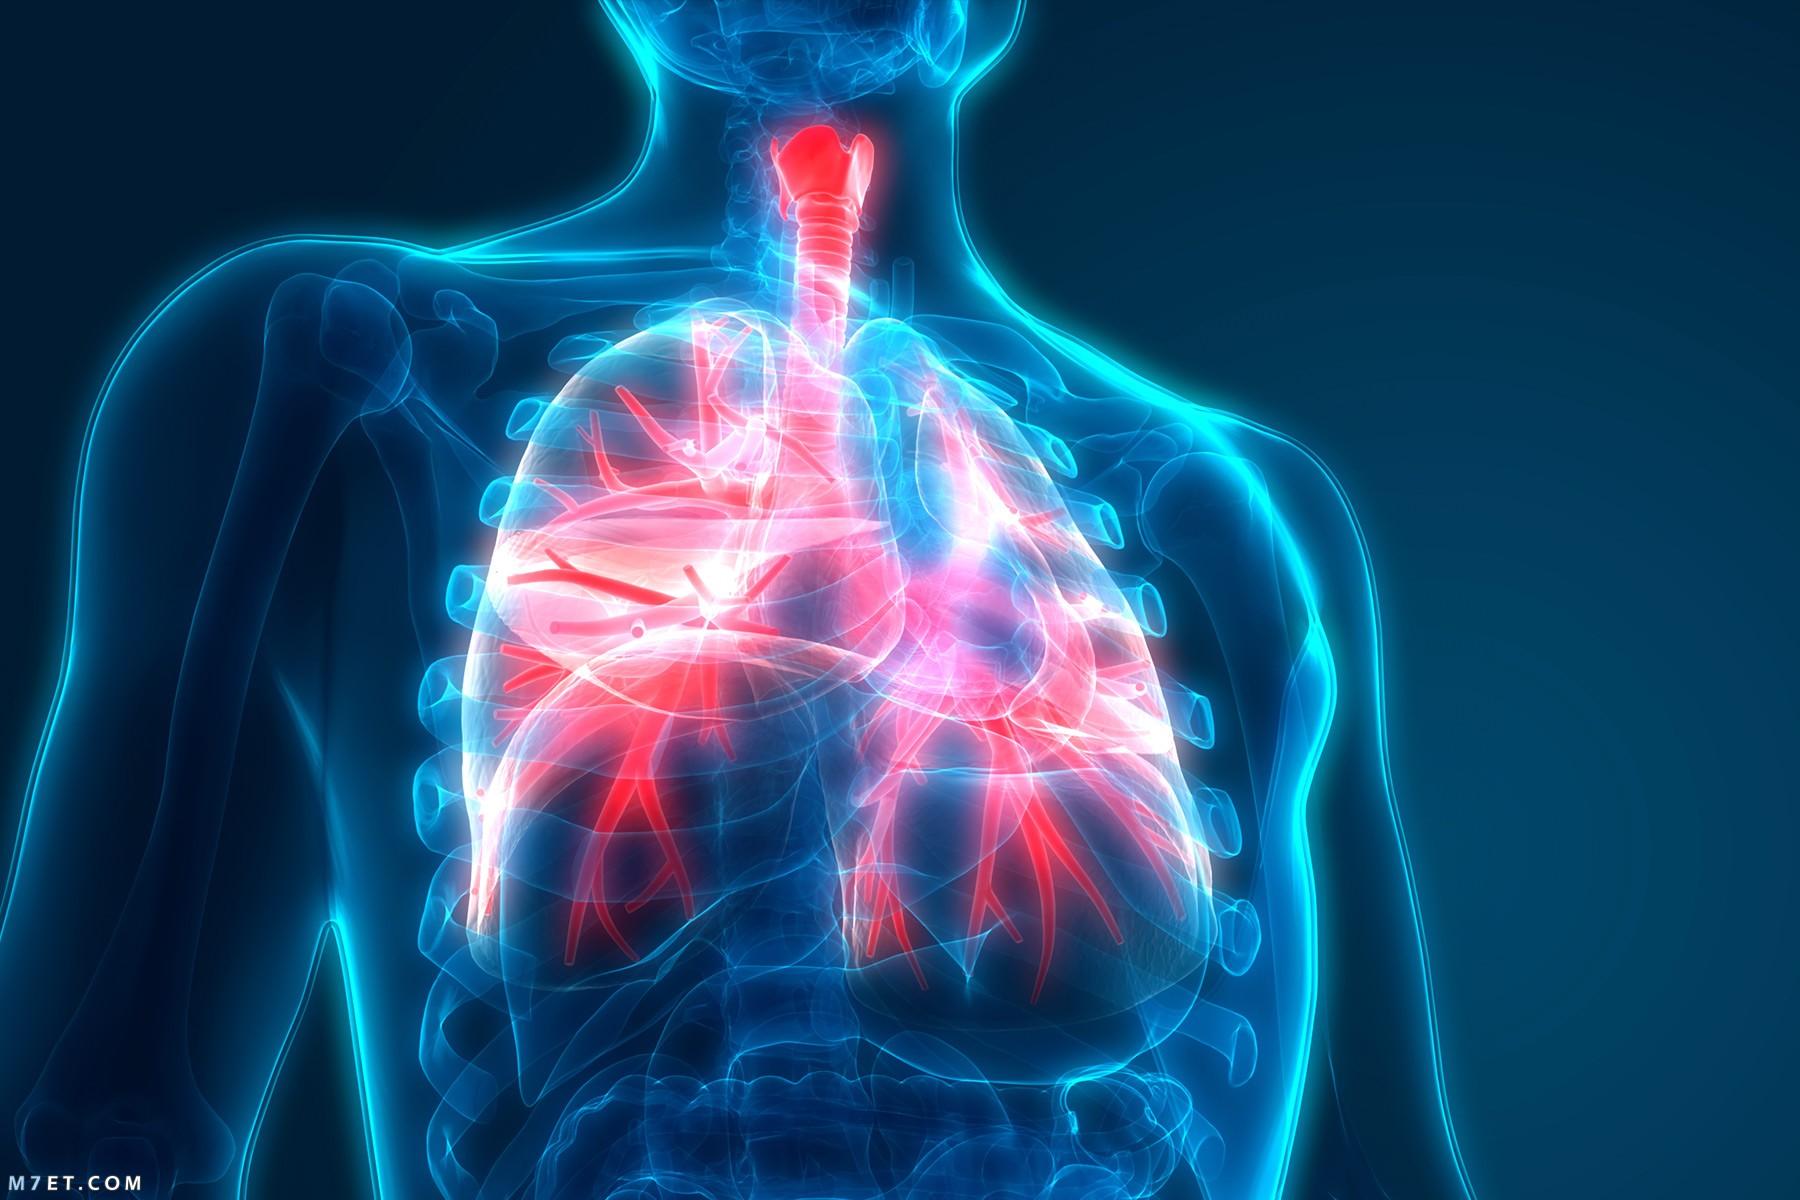 اسباب التهاب الرئة